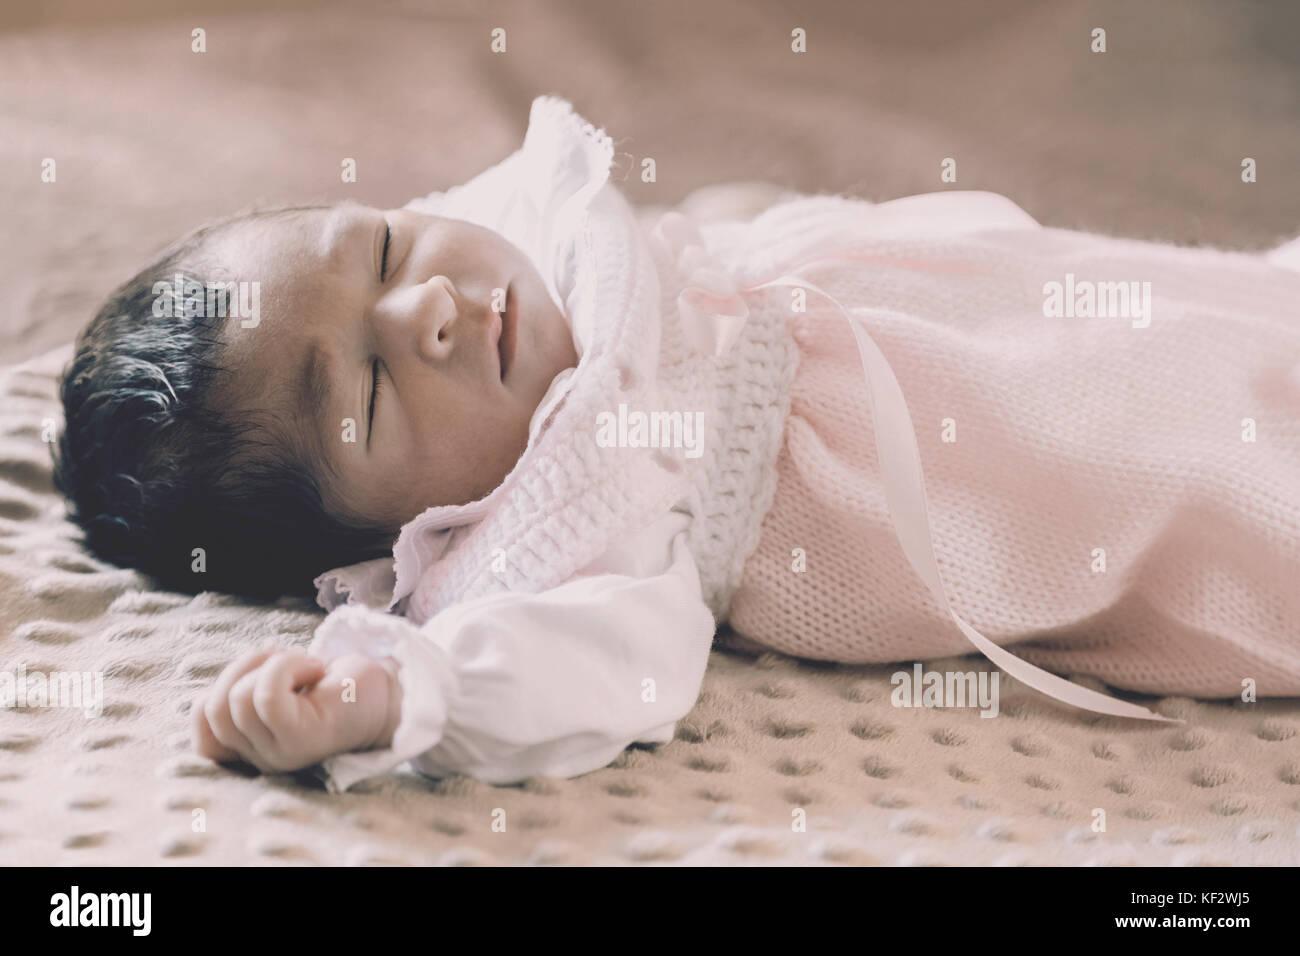 Cute zwei Wochen alte Neugeborene Mädchen mit rosa stricken Kleidung, friedlich im Bett/neugeborenes Mädchen Stockbild